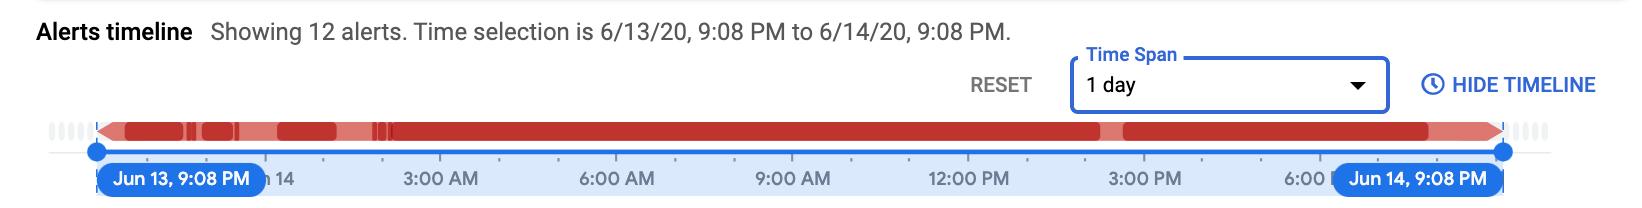 **Alerting timeline** shows recent SLO-based alerts.